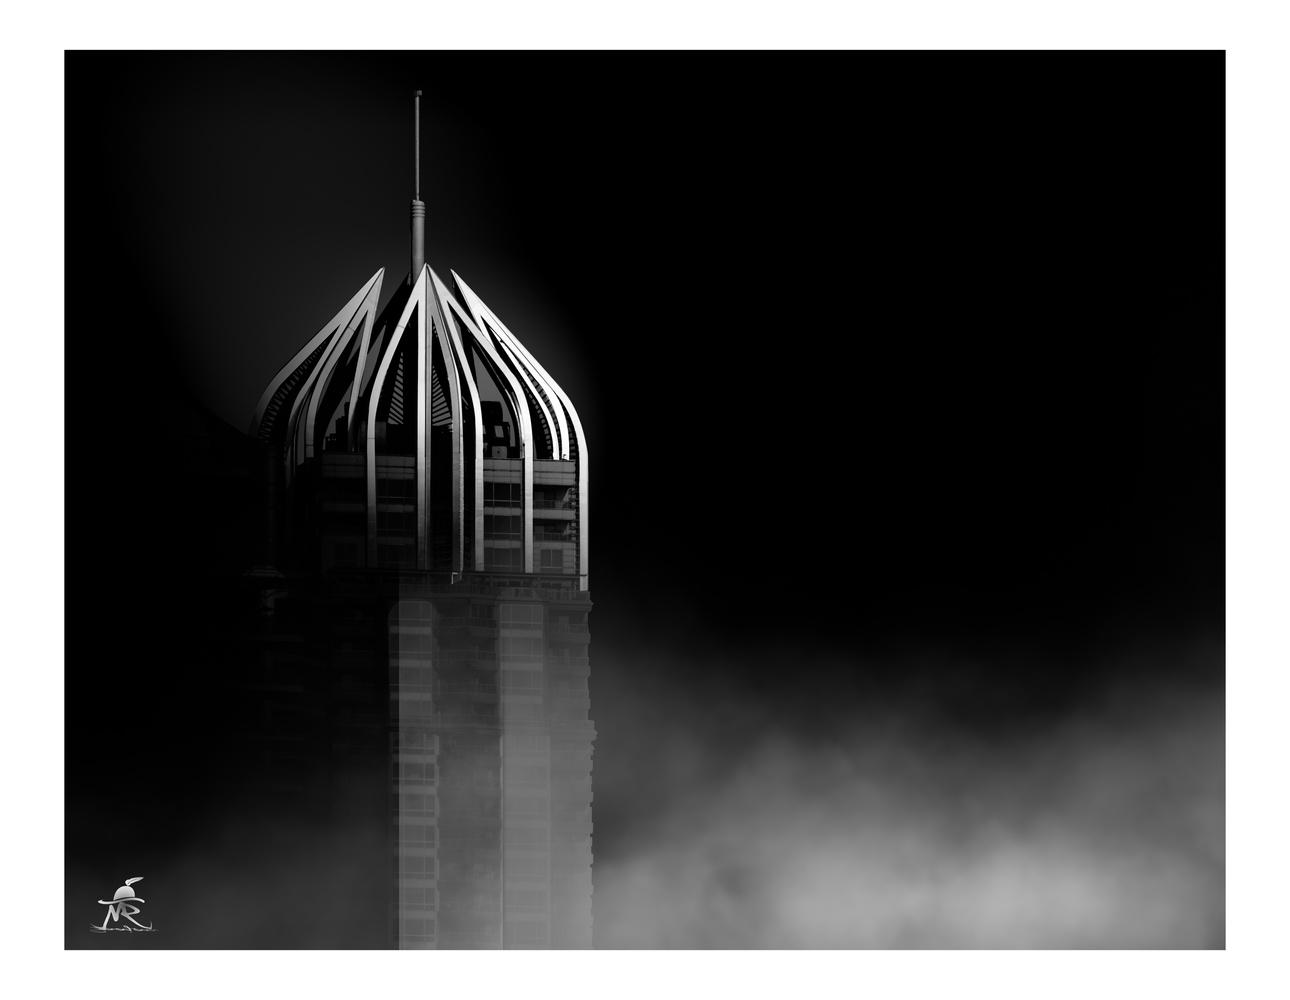 Dubai Marina by Saajan Manuvel